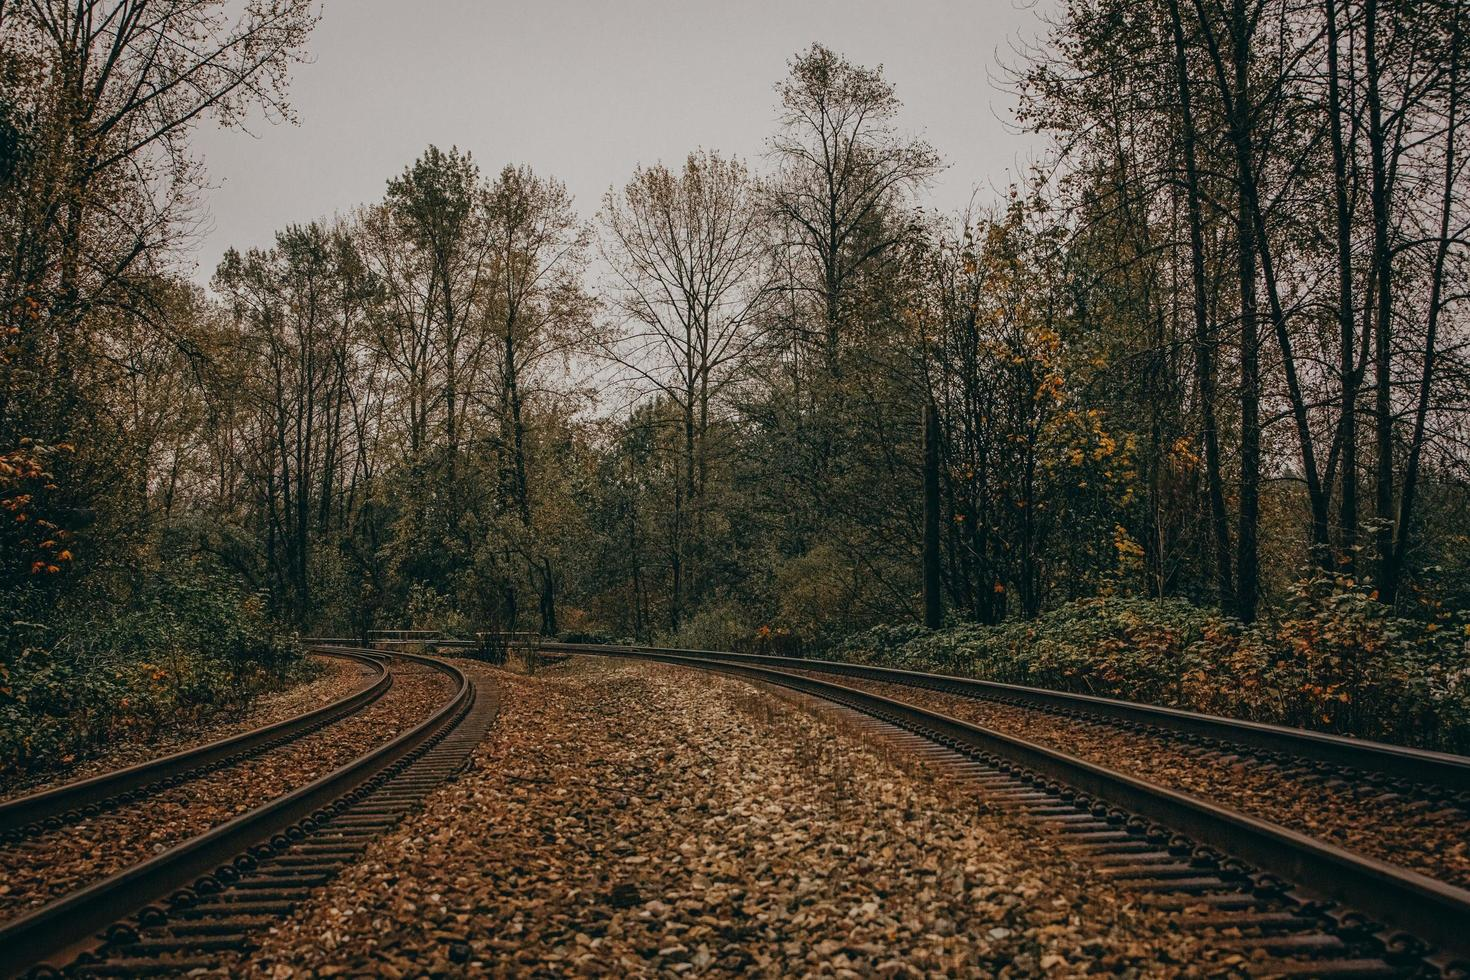 foglie cadono marroni sulla ferrovia durante il giorno foto